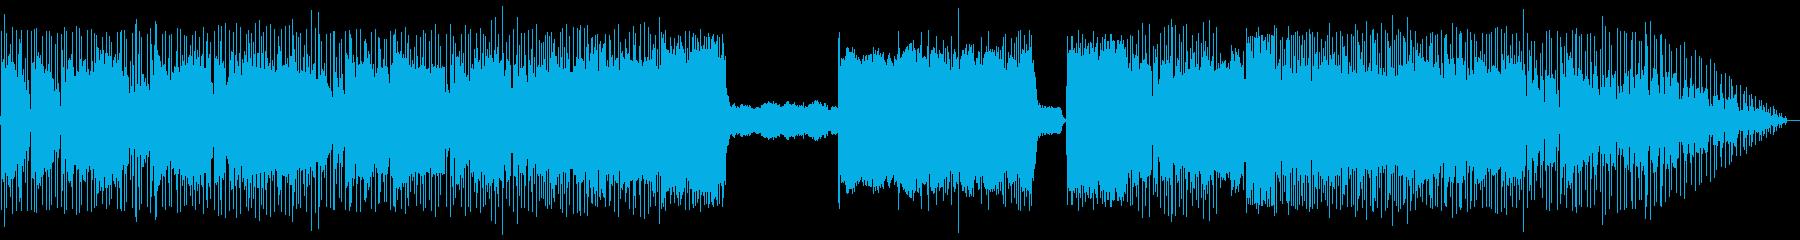 シャープなギターロック:ハードボイルド向の再生済みの波形